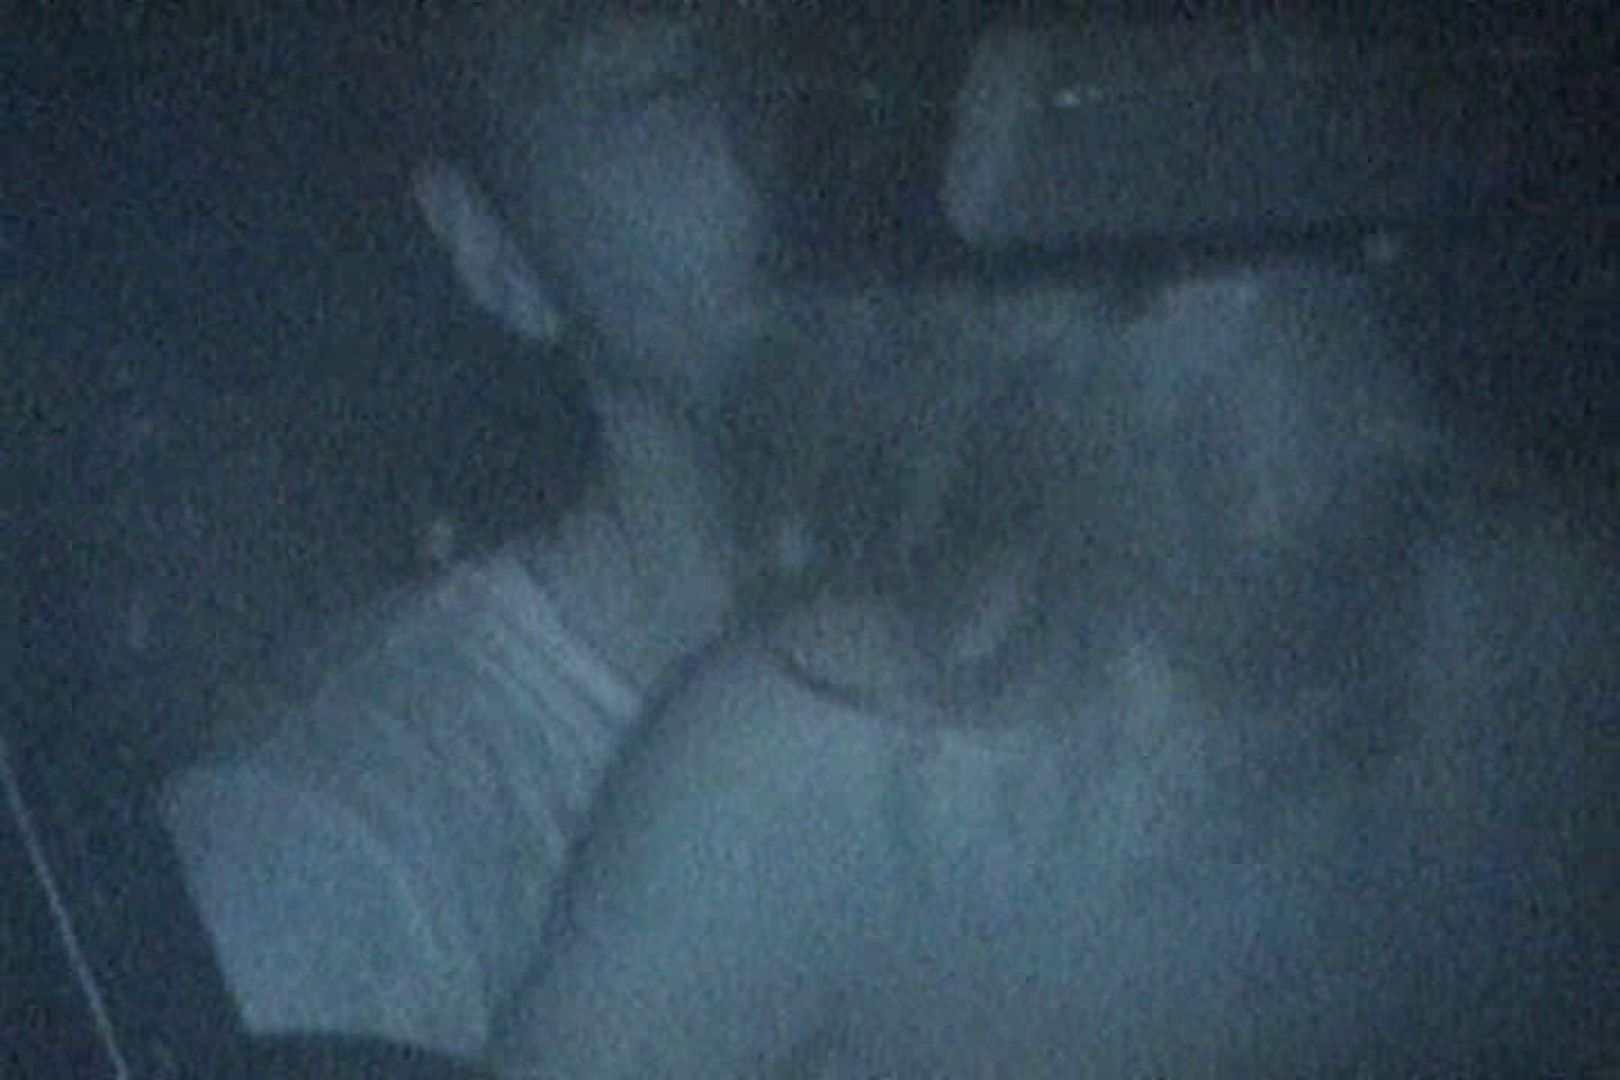 充血監督の深夜の運動会Vol.146 カップルのセックス エロ画像 94PIX 65